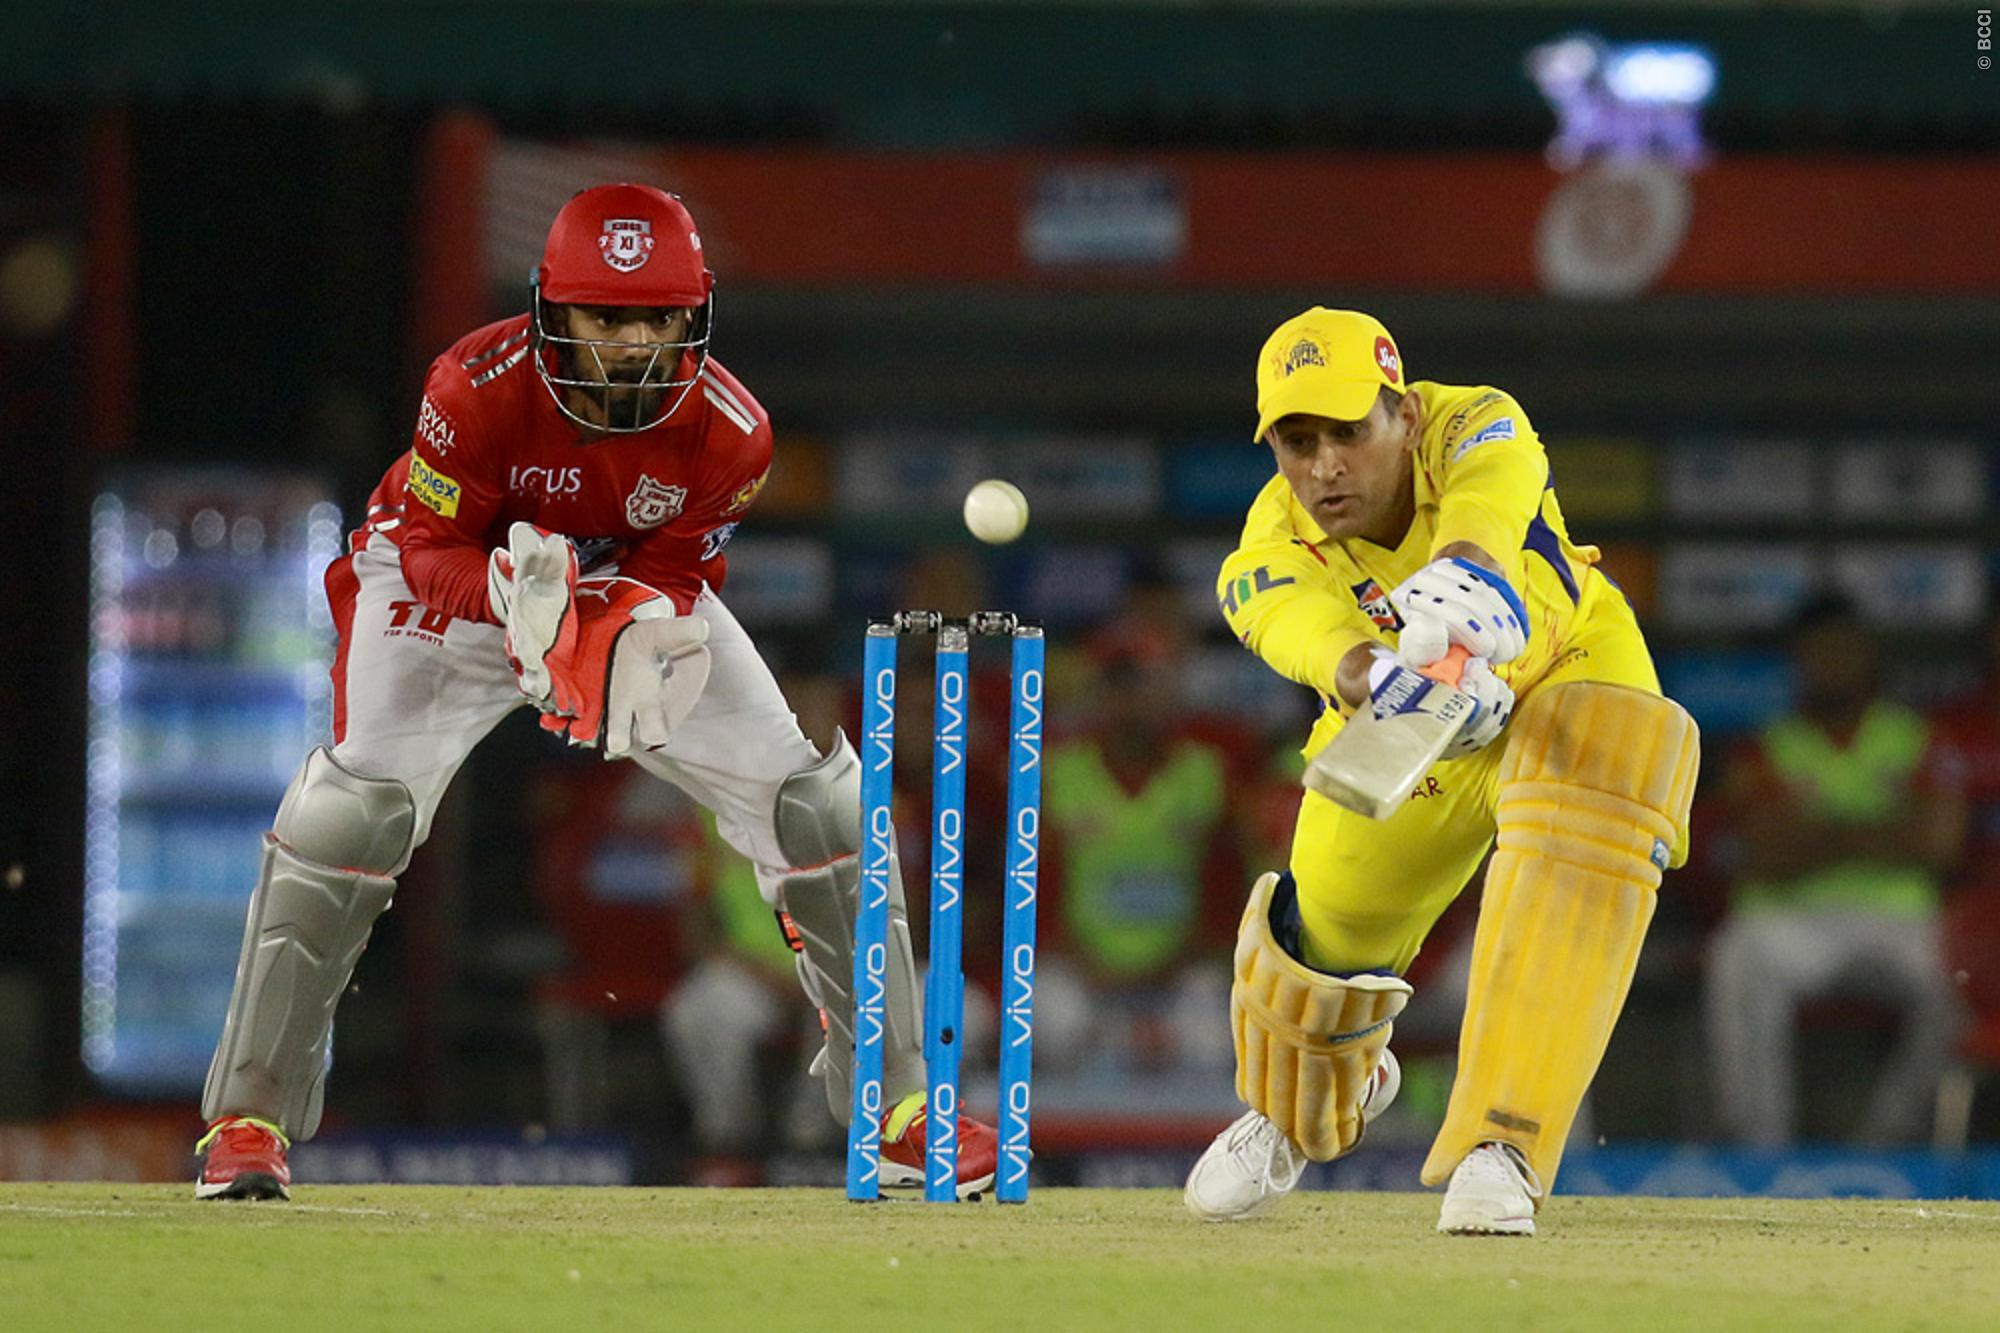 KXIPvCSK: हार के बाद छलका महेंद्र सिंह धोनी का दर्द, कहा- बड़े शॉट खेलने के लिए पीठ के सहारे की जरूरत नहीं 5